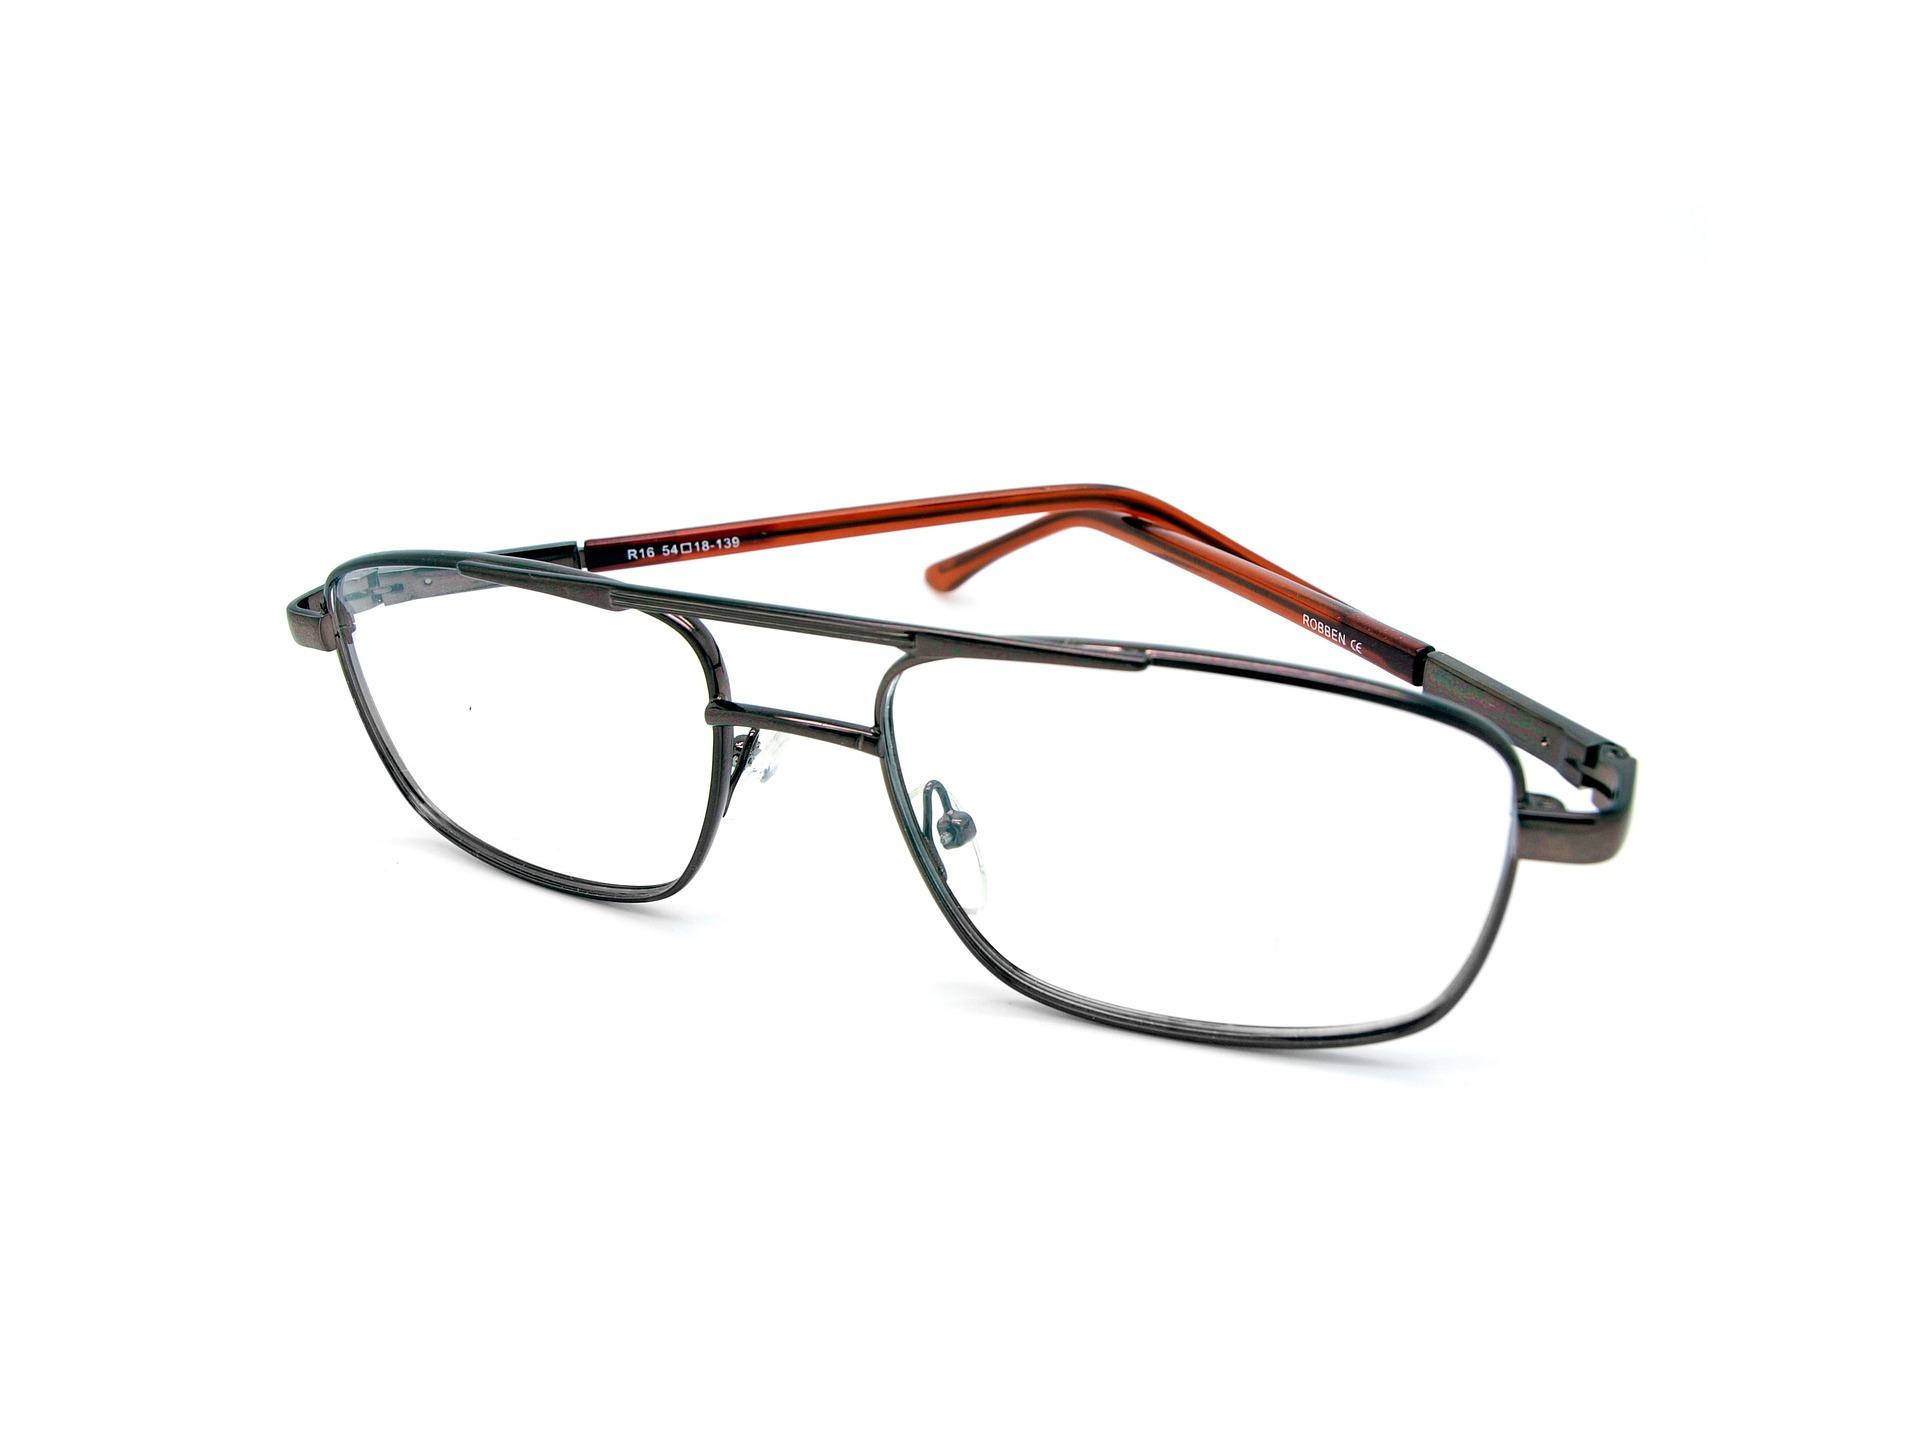 Brillen – ein modisches Accessoire | CareFair